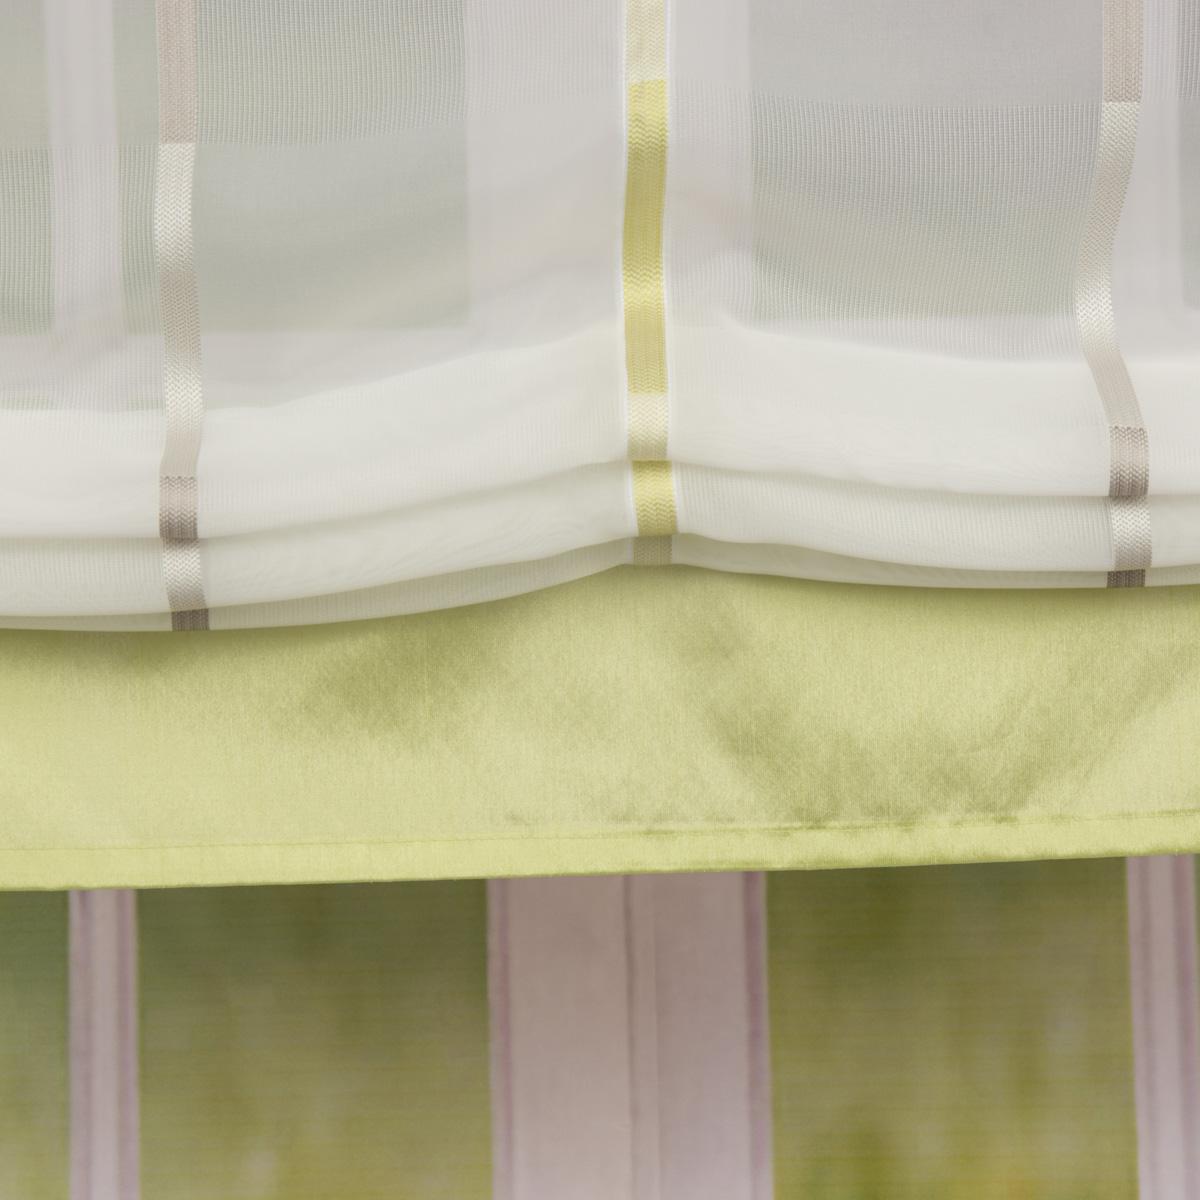 Full Size of Raffrollo Mit Schlaufen Modern Rollo Wei Transparent Streifen 120x140cm Bett 180x200 Lattenrost Und Matratze Küche Weiss Rückenlehne 3 Sitzer Sofa Wohnzimmer Raffrollo Mit Schlaufen Modern